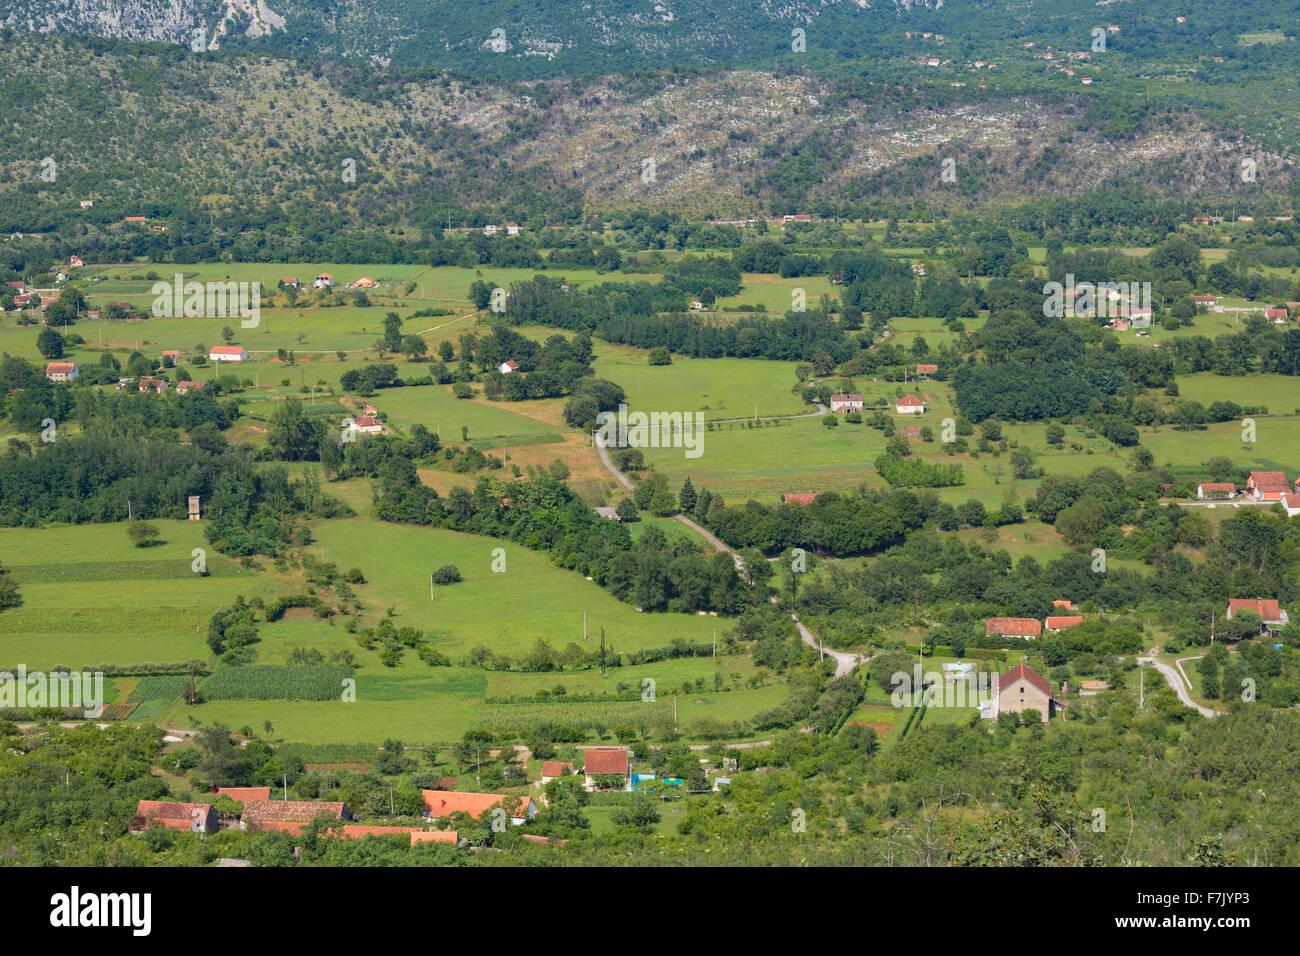 Le Monténégro. Paysage rural entre Bogetici et Niksic. Les exploitations agricoles, l'agriculture. Photo Stock